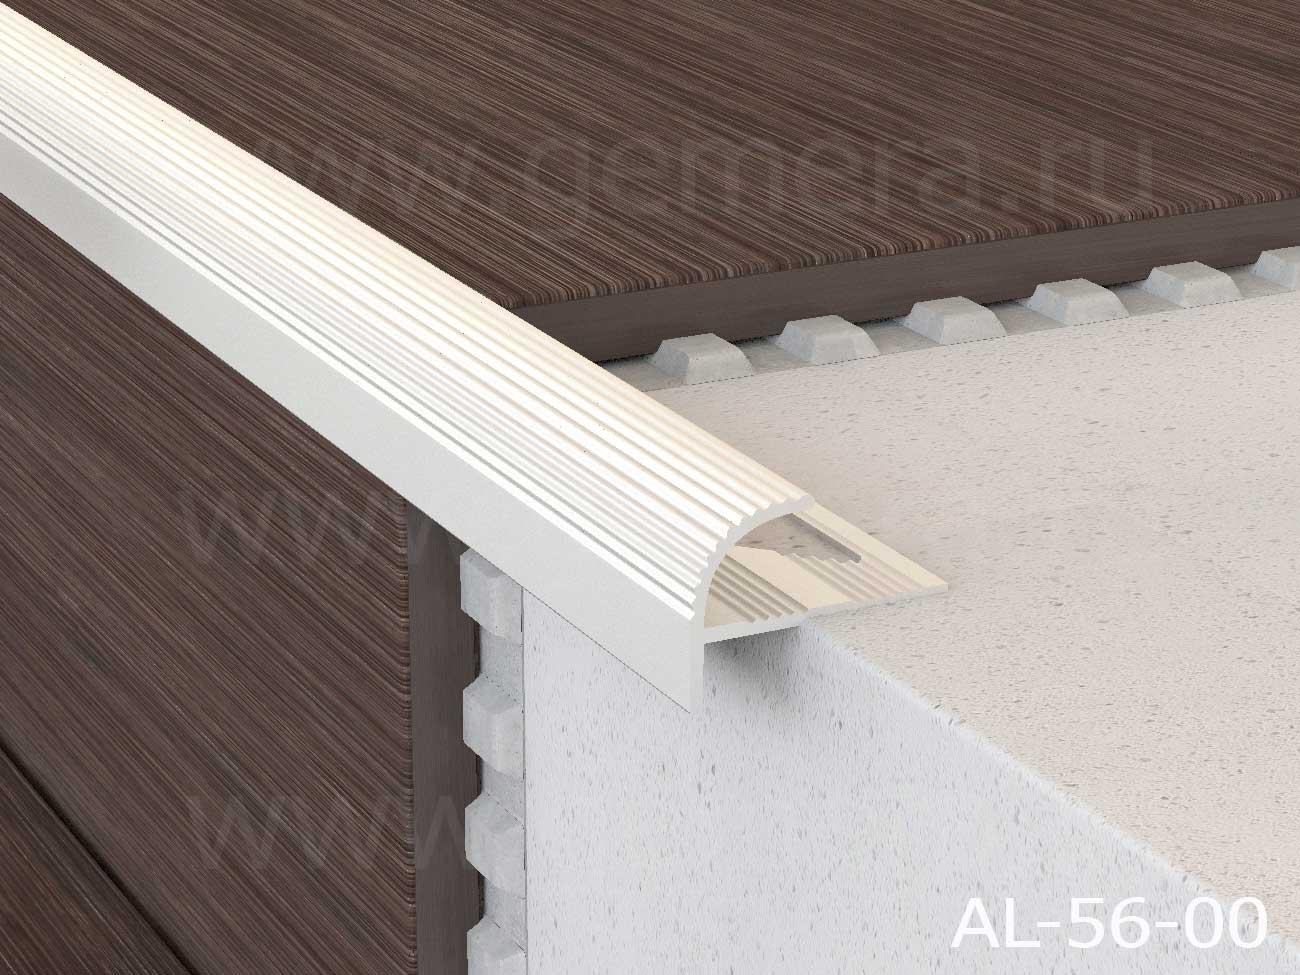 Профиль алюминиевый полукруглый Butun AL-56-00